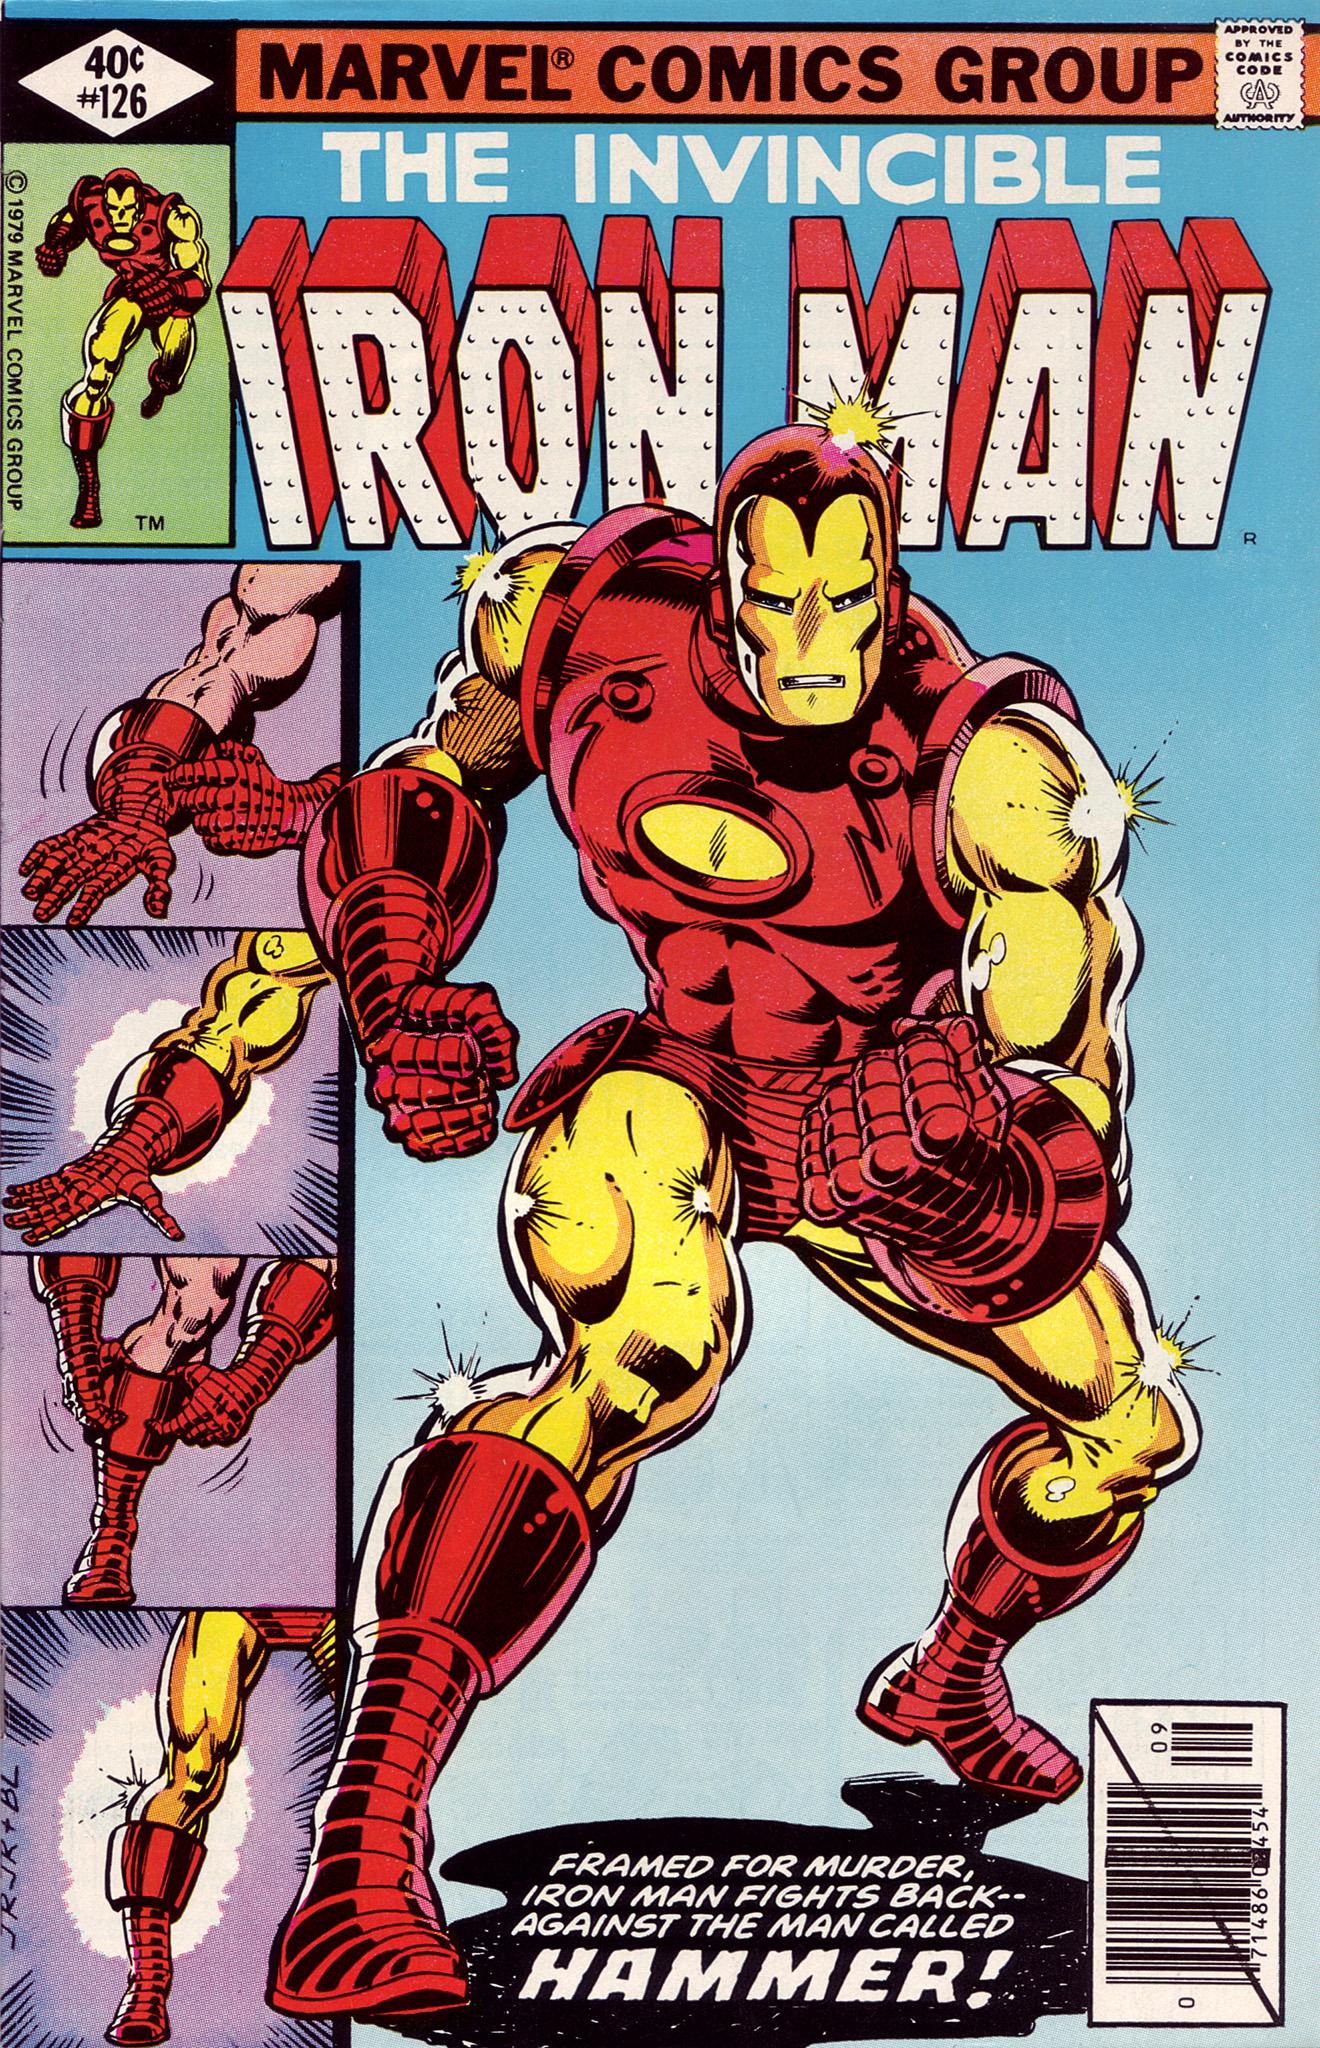 Comic Book Cover Backgrounds : Comic book cover wallpaper wallpapersafari